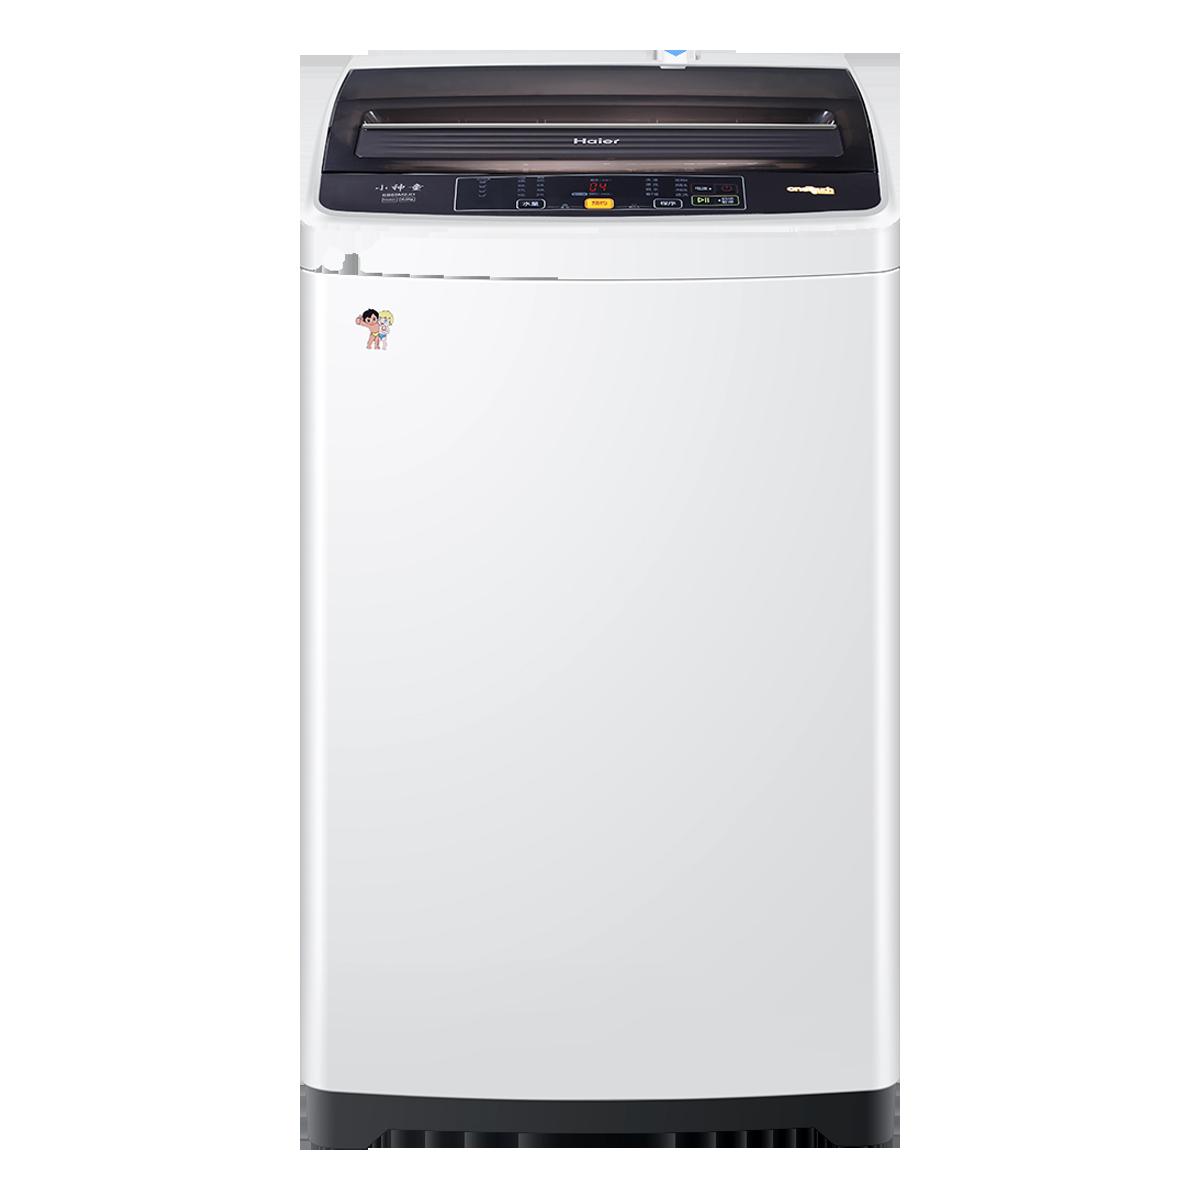 海尔Haier洗衣机 EB65M2JD 说明书